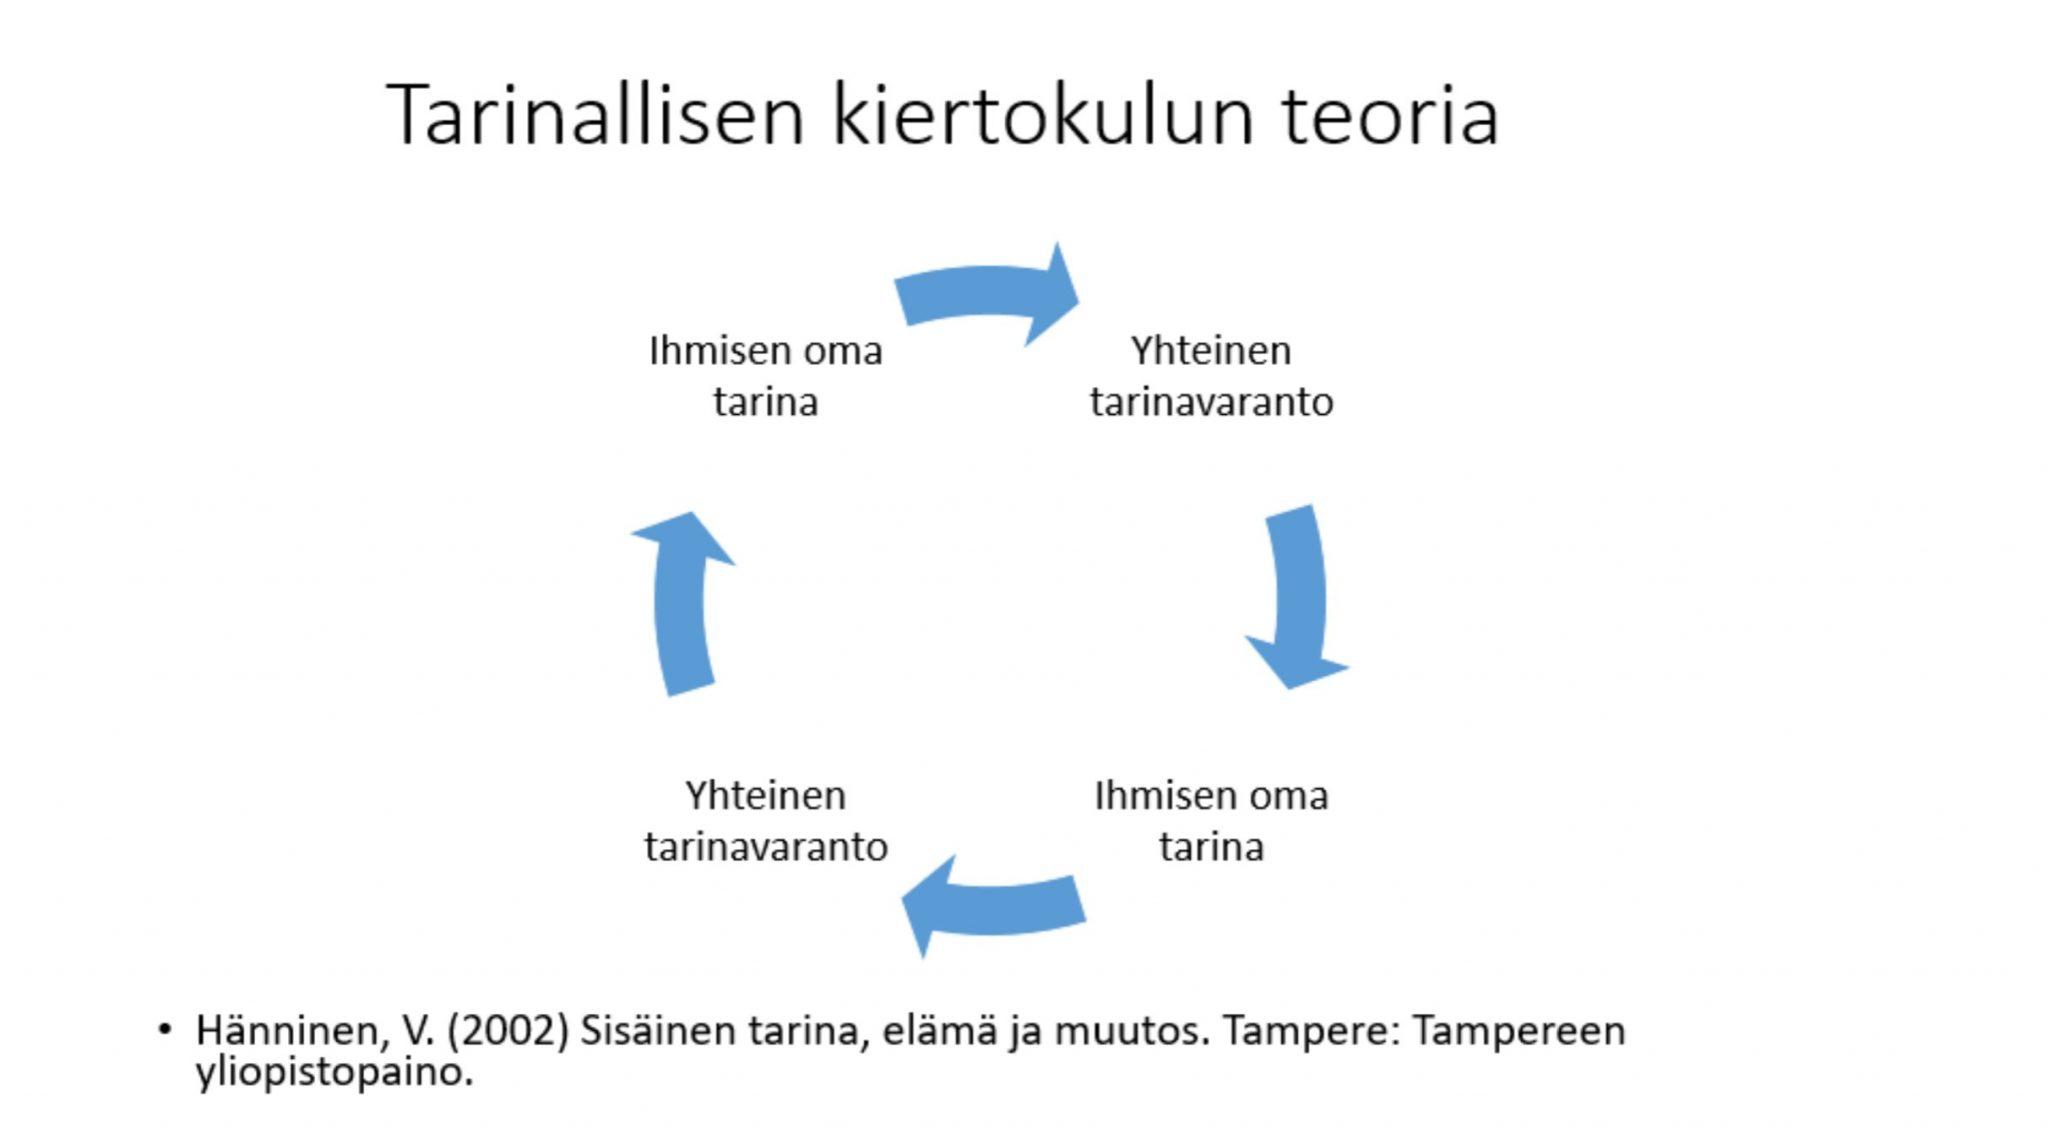 Tarinallisen kiertokulun teoria. Ihmisen oma tarinavaranto, yhteinen tarinavaranto, Ihmisen oma tarinavaranto, yhteinen tarinavaranto. Lähde: Hänninen, V. (2002) Sisäinen tairna, elämä ja muutos. Tampere: Tampereen yliopistopaino.